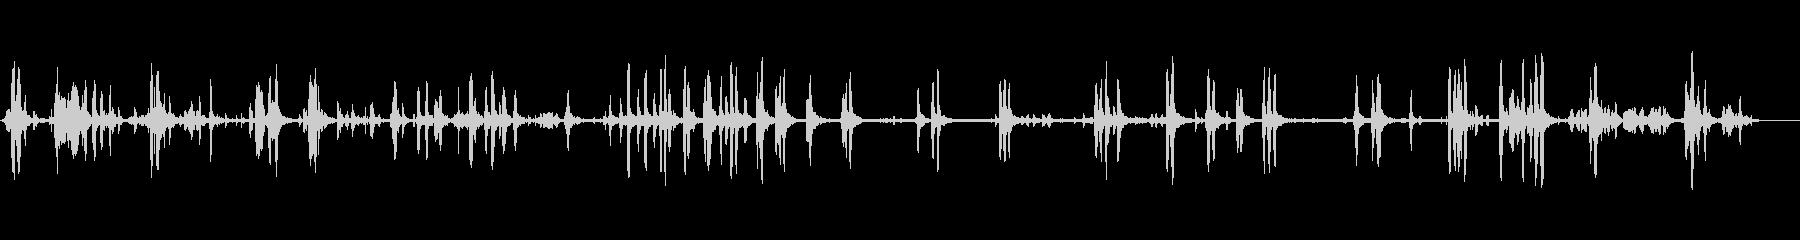 歌う白鳥-鳥1の未再生の波形